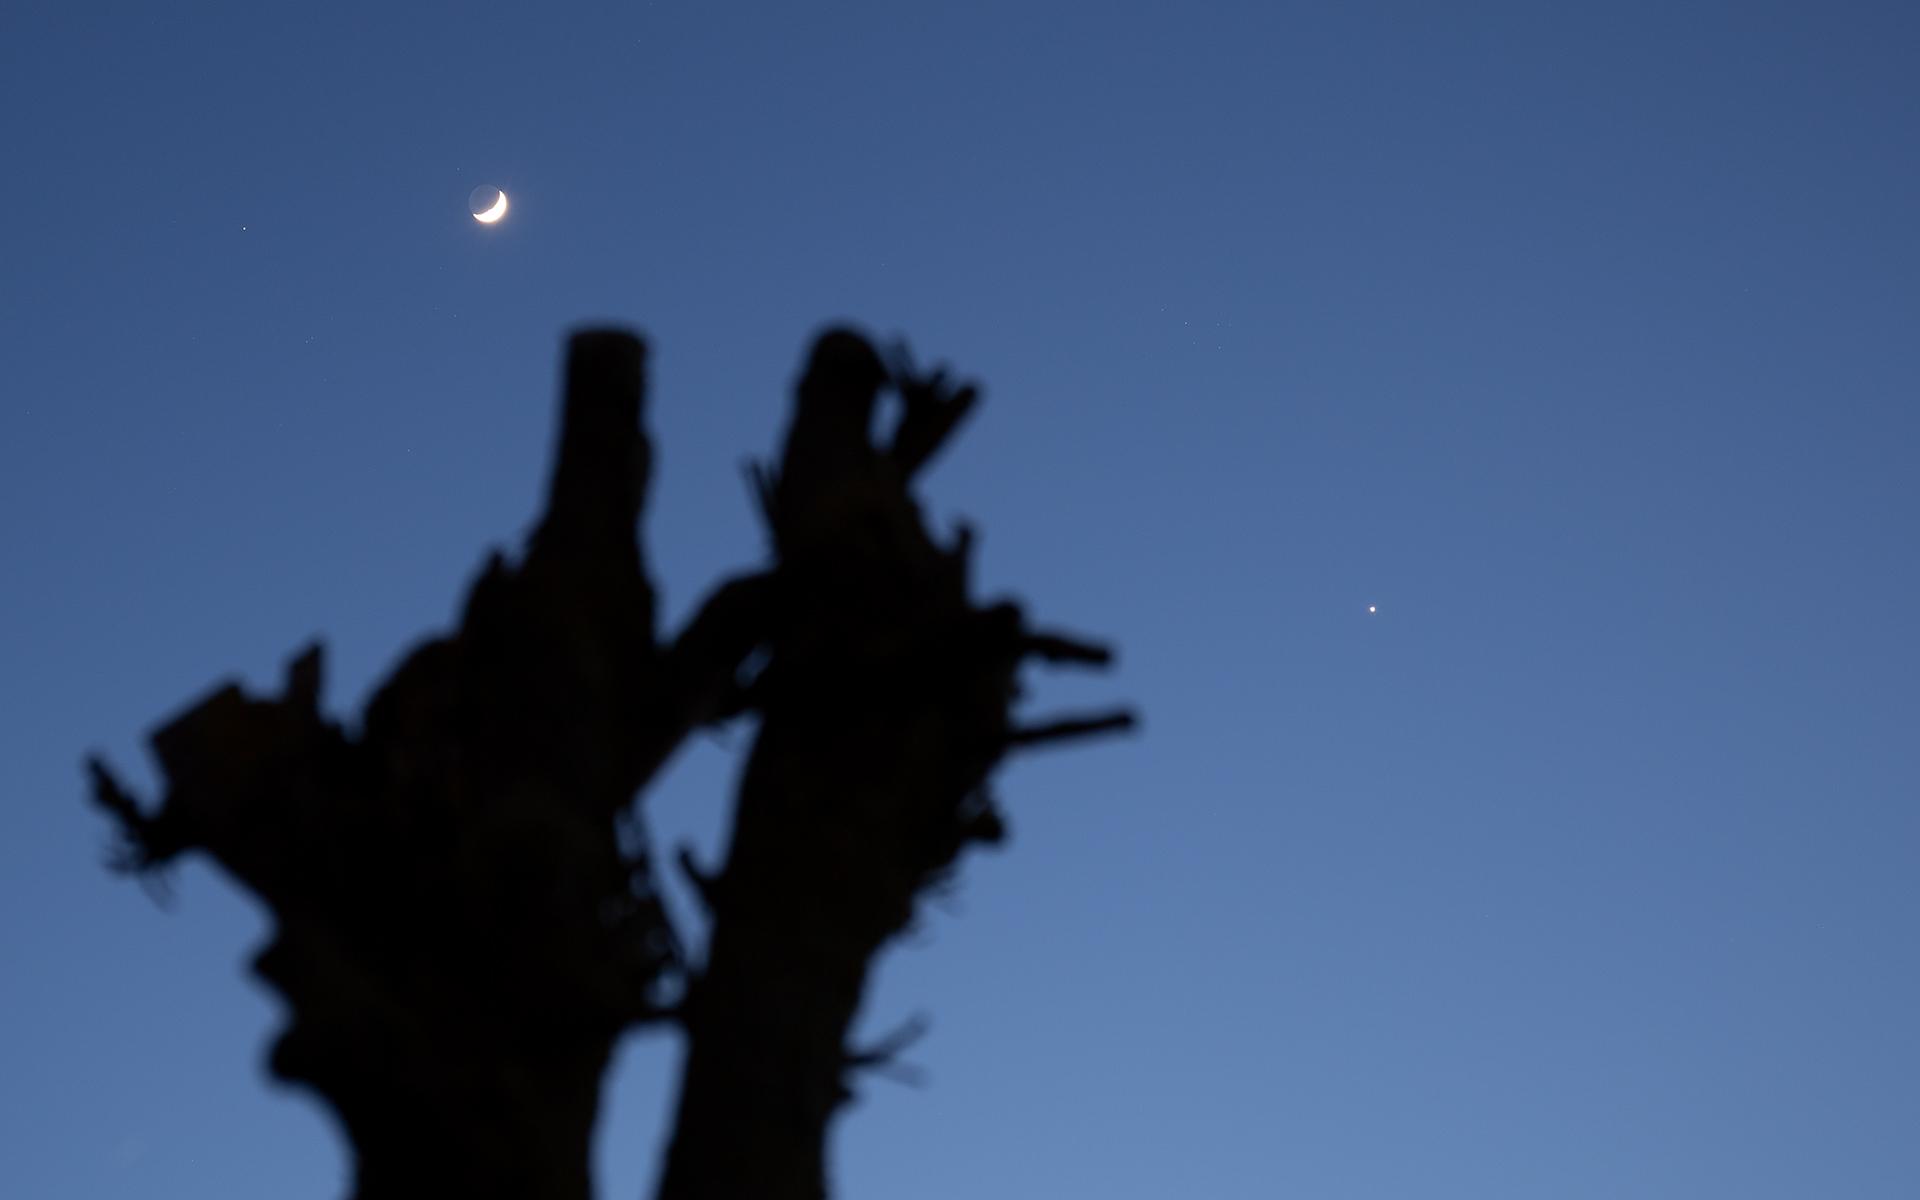 20200329-moon-venus-0030.jpg